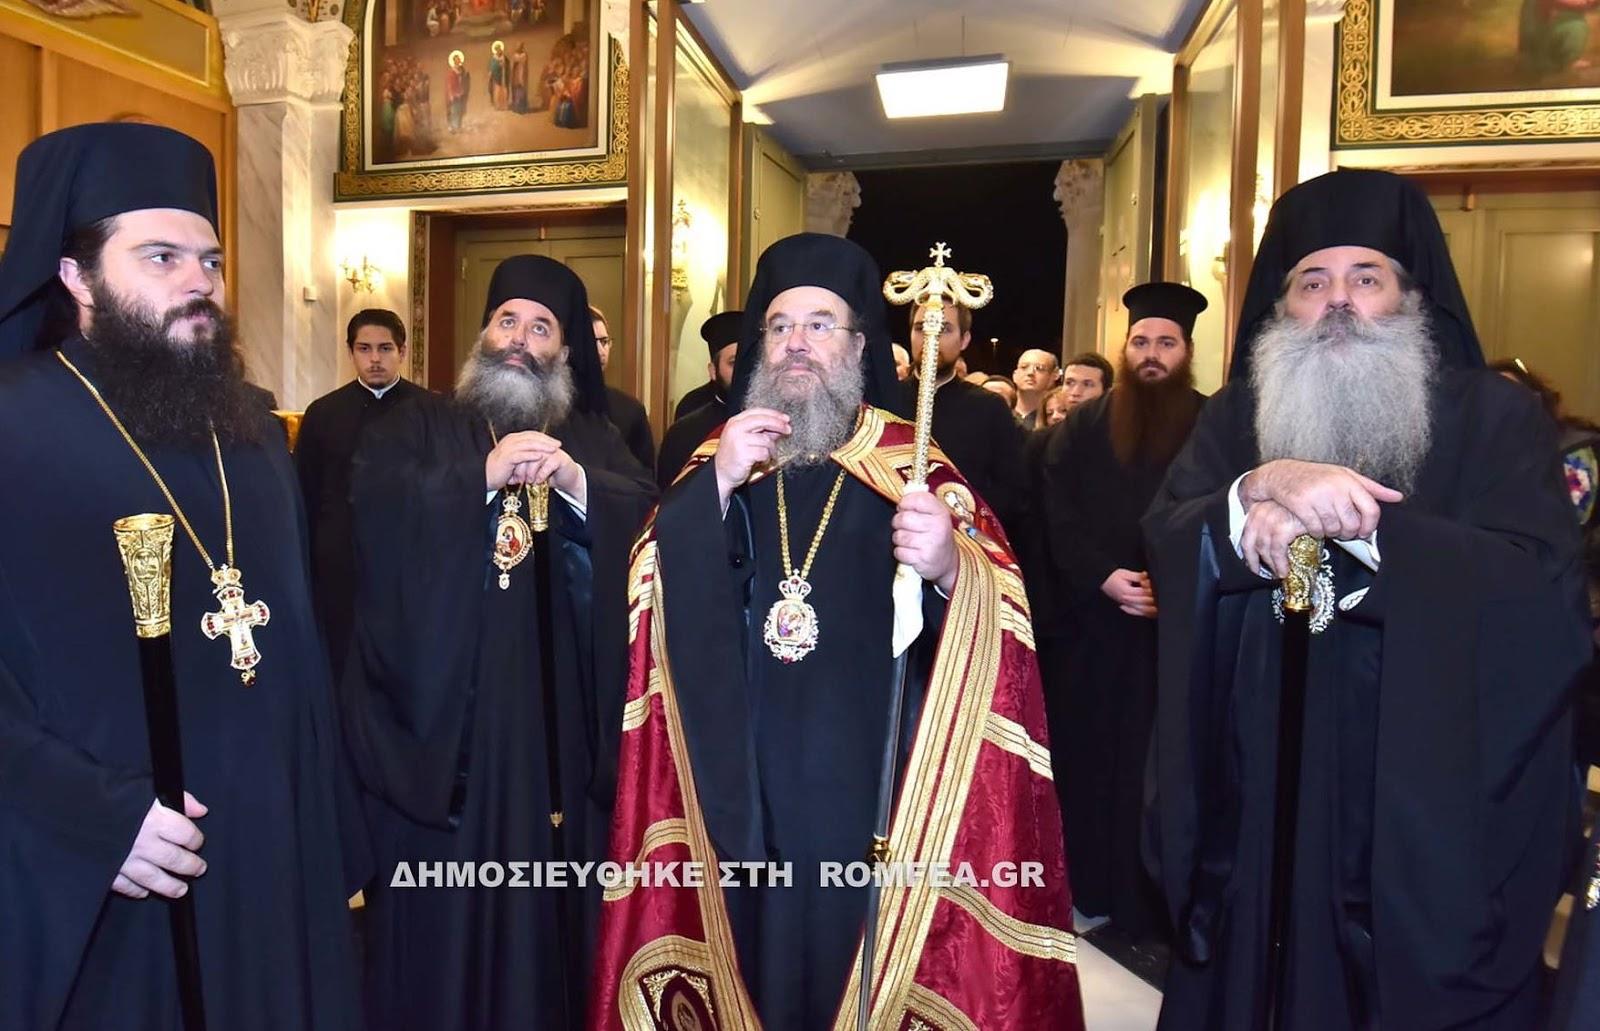 Ιερισσού Θεόκλητος: ''Ο Άγιος Σπυρίδωνας μετέτρεψε την πίστη σε τρόπο ζωής'' (ΦΩΤΟ)